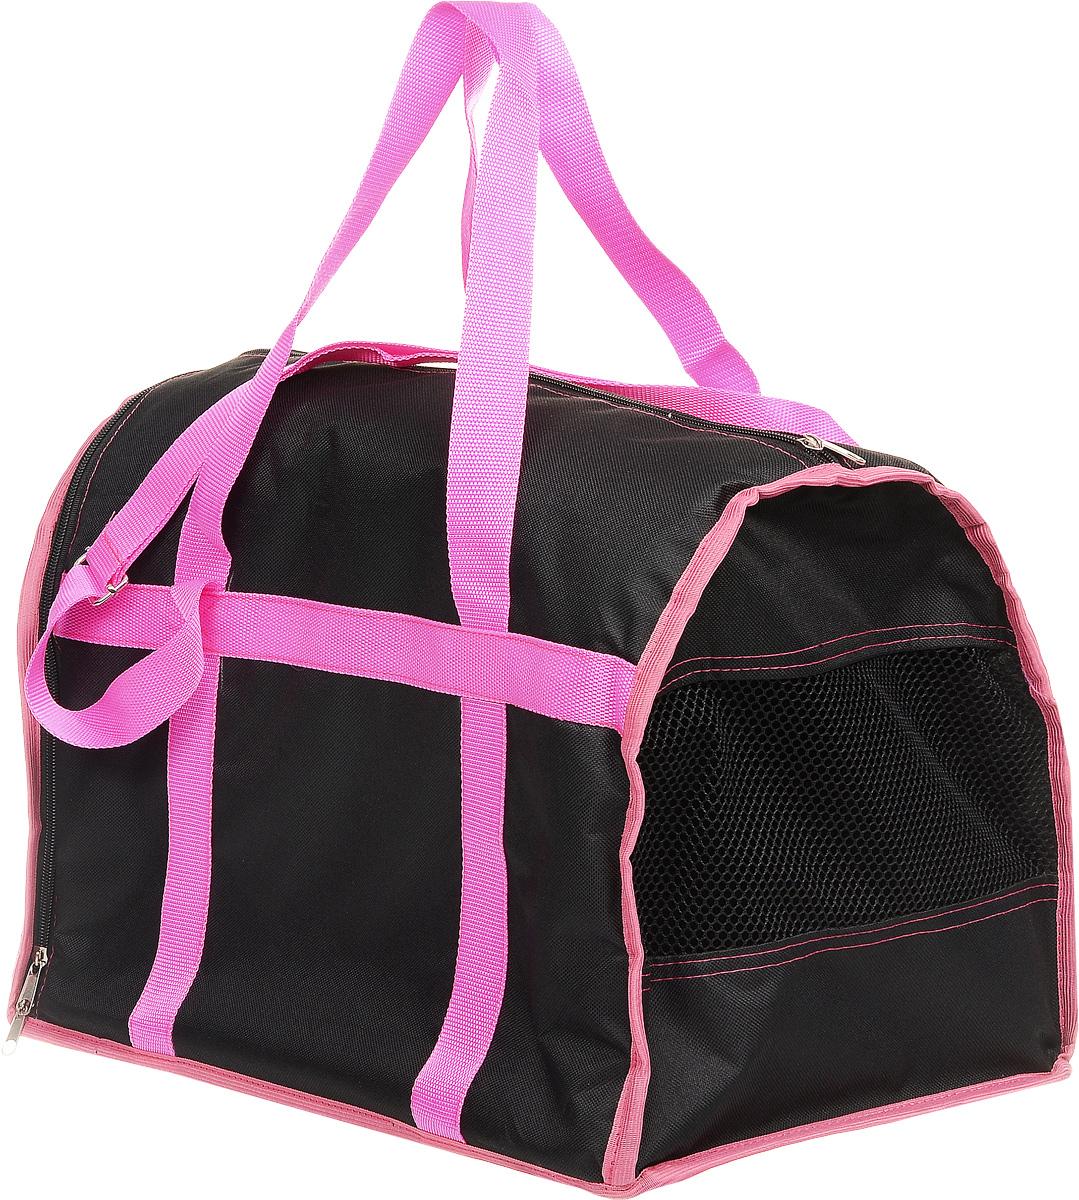 Сумка-переноска для животных Каскад Спорт, цвет: черный, розовый, 40 х 28 х 29 см сумка переноска каскад collection с белыми буквами цвет черный 38х17 см